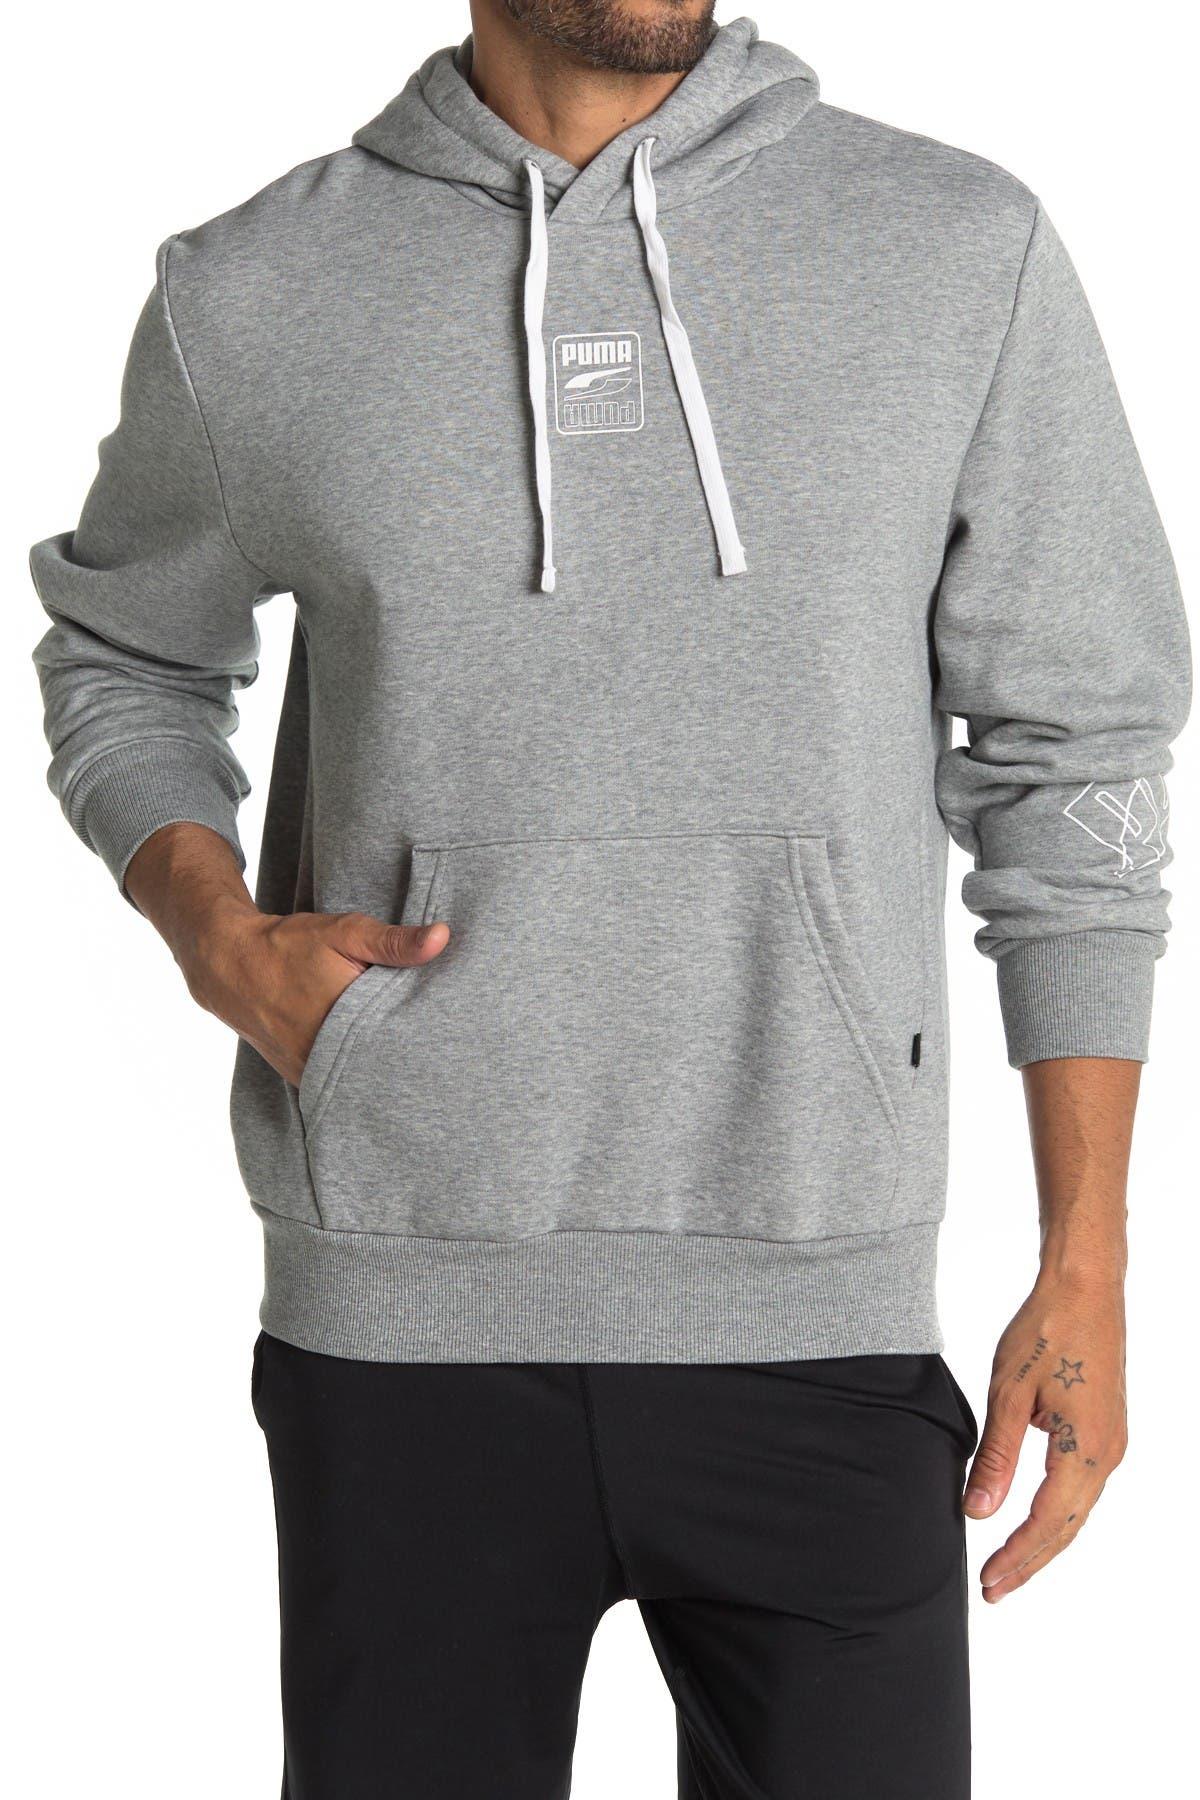 Image of PUMA Rebel Pullover Hoodie